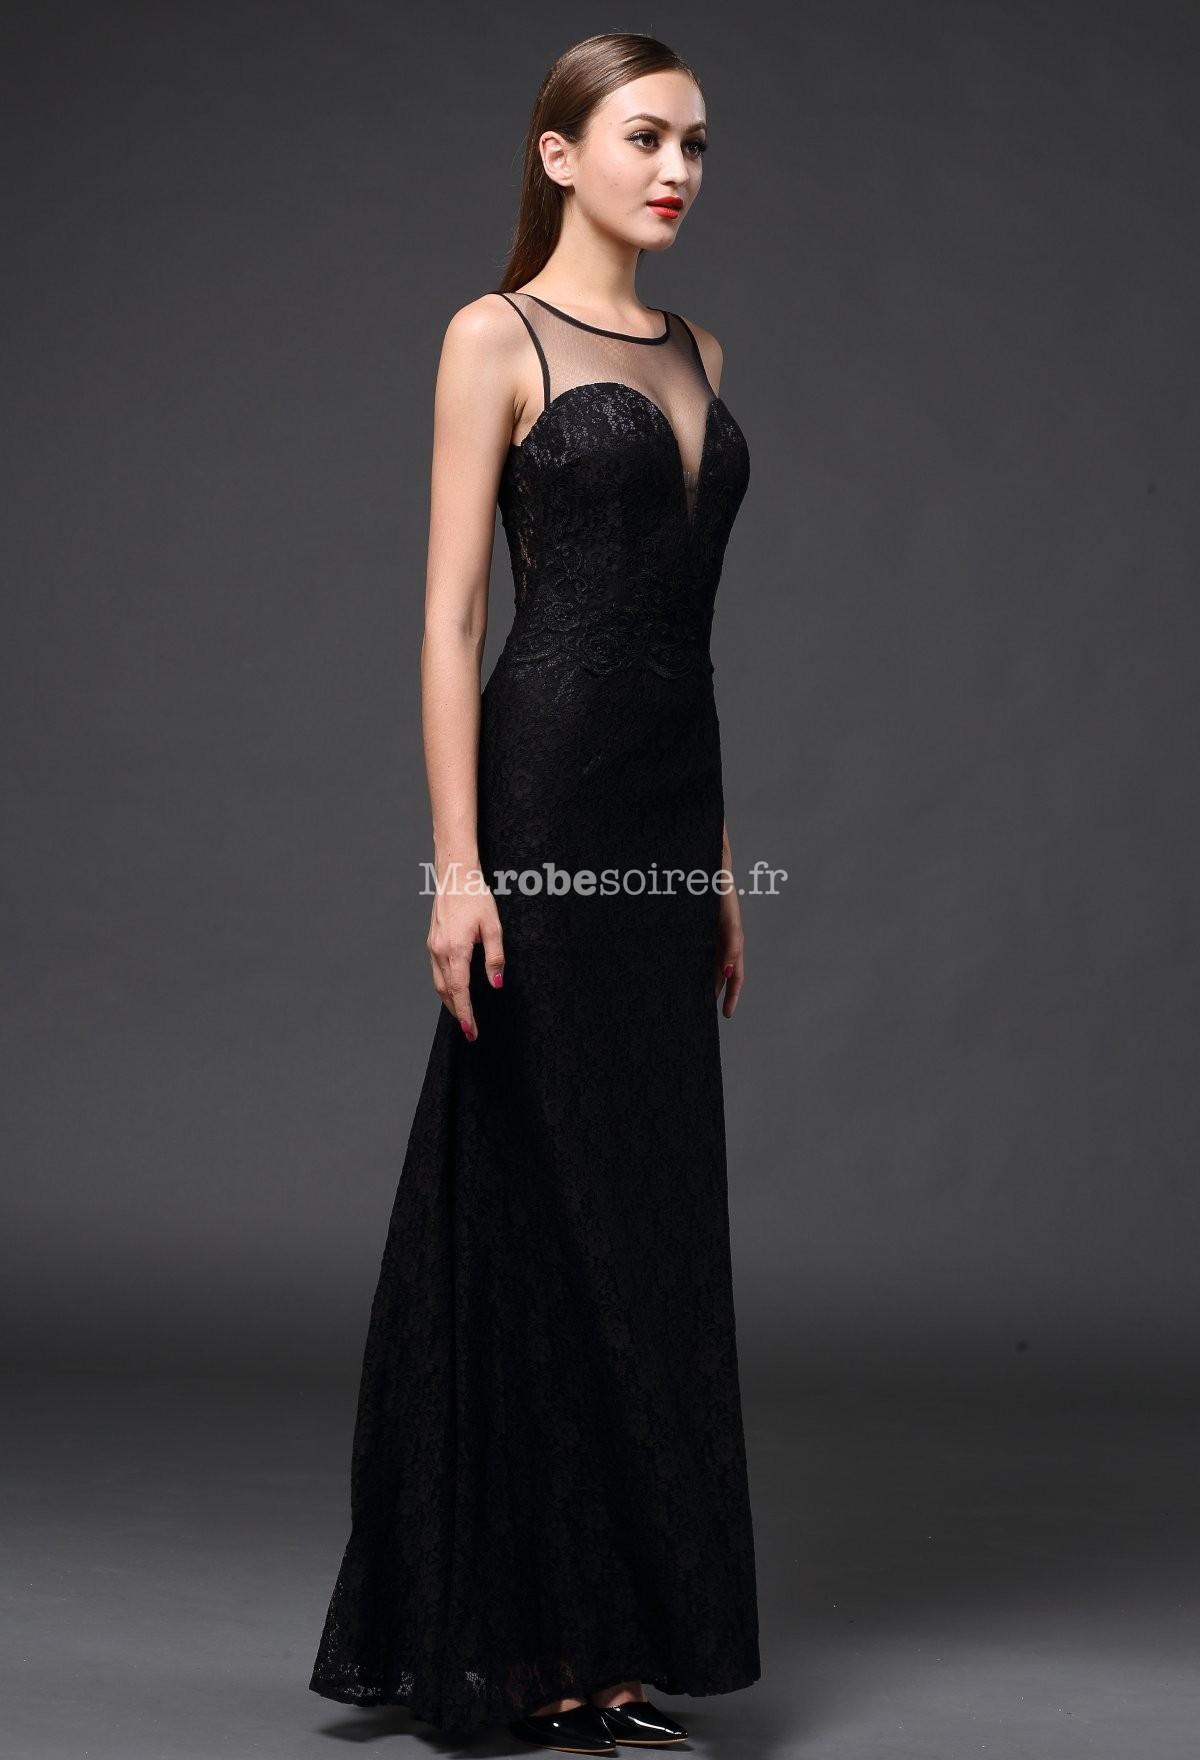 robe de soir e longue dentelle bustier transparent. Black Bedroom Furniture Sets. Home Design Ideas